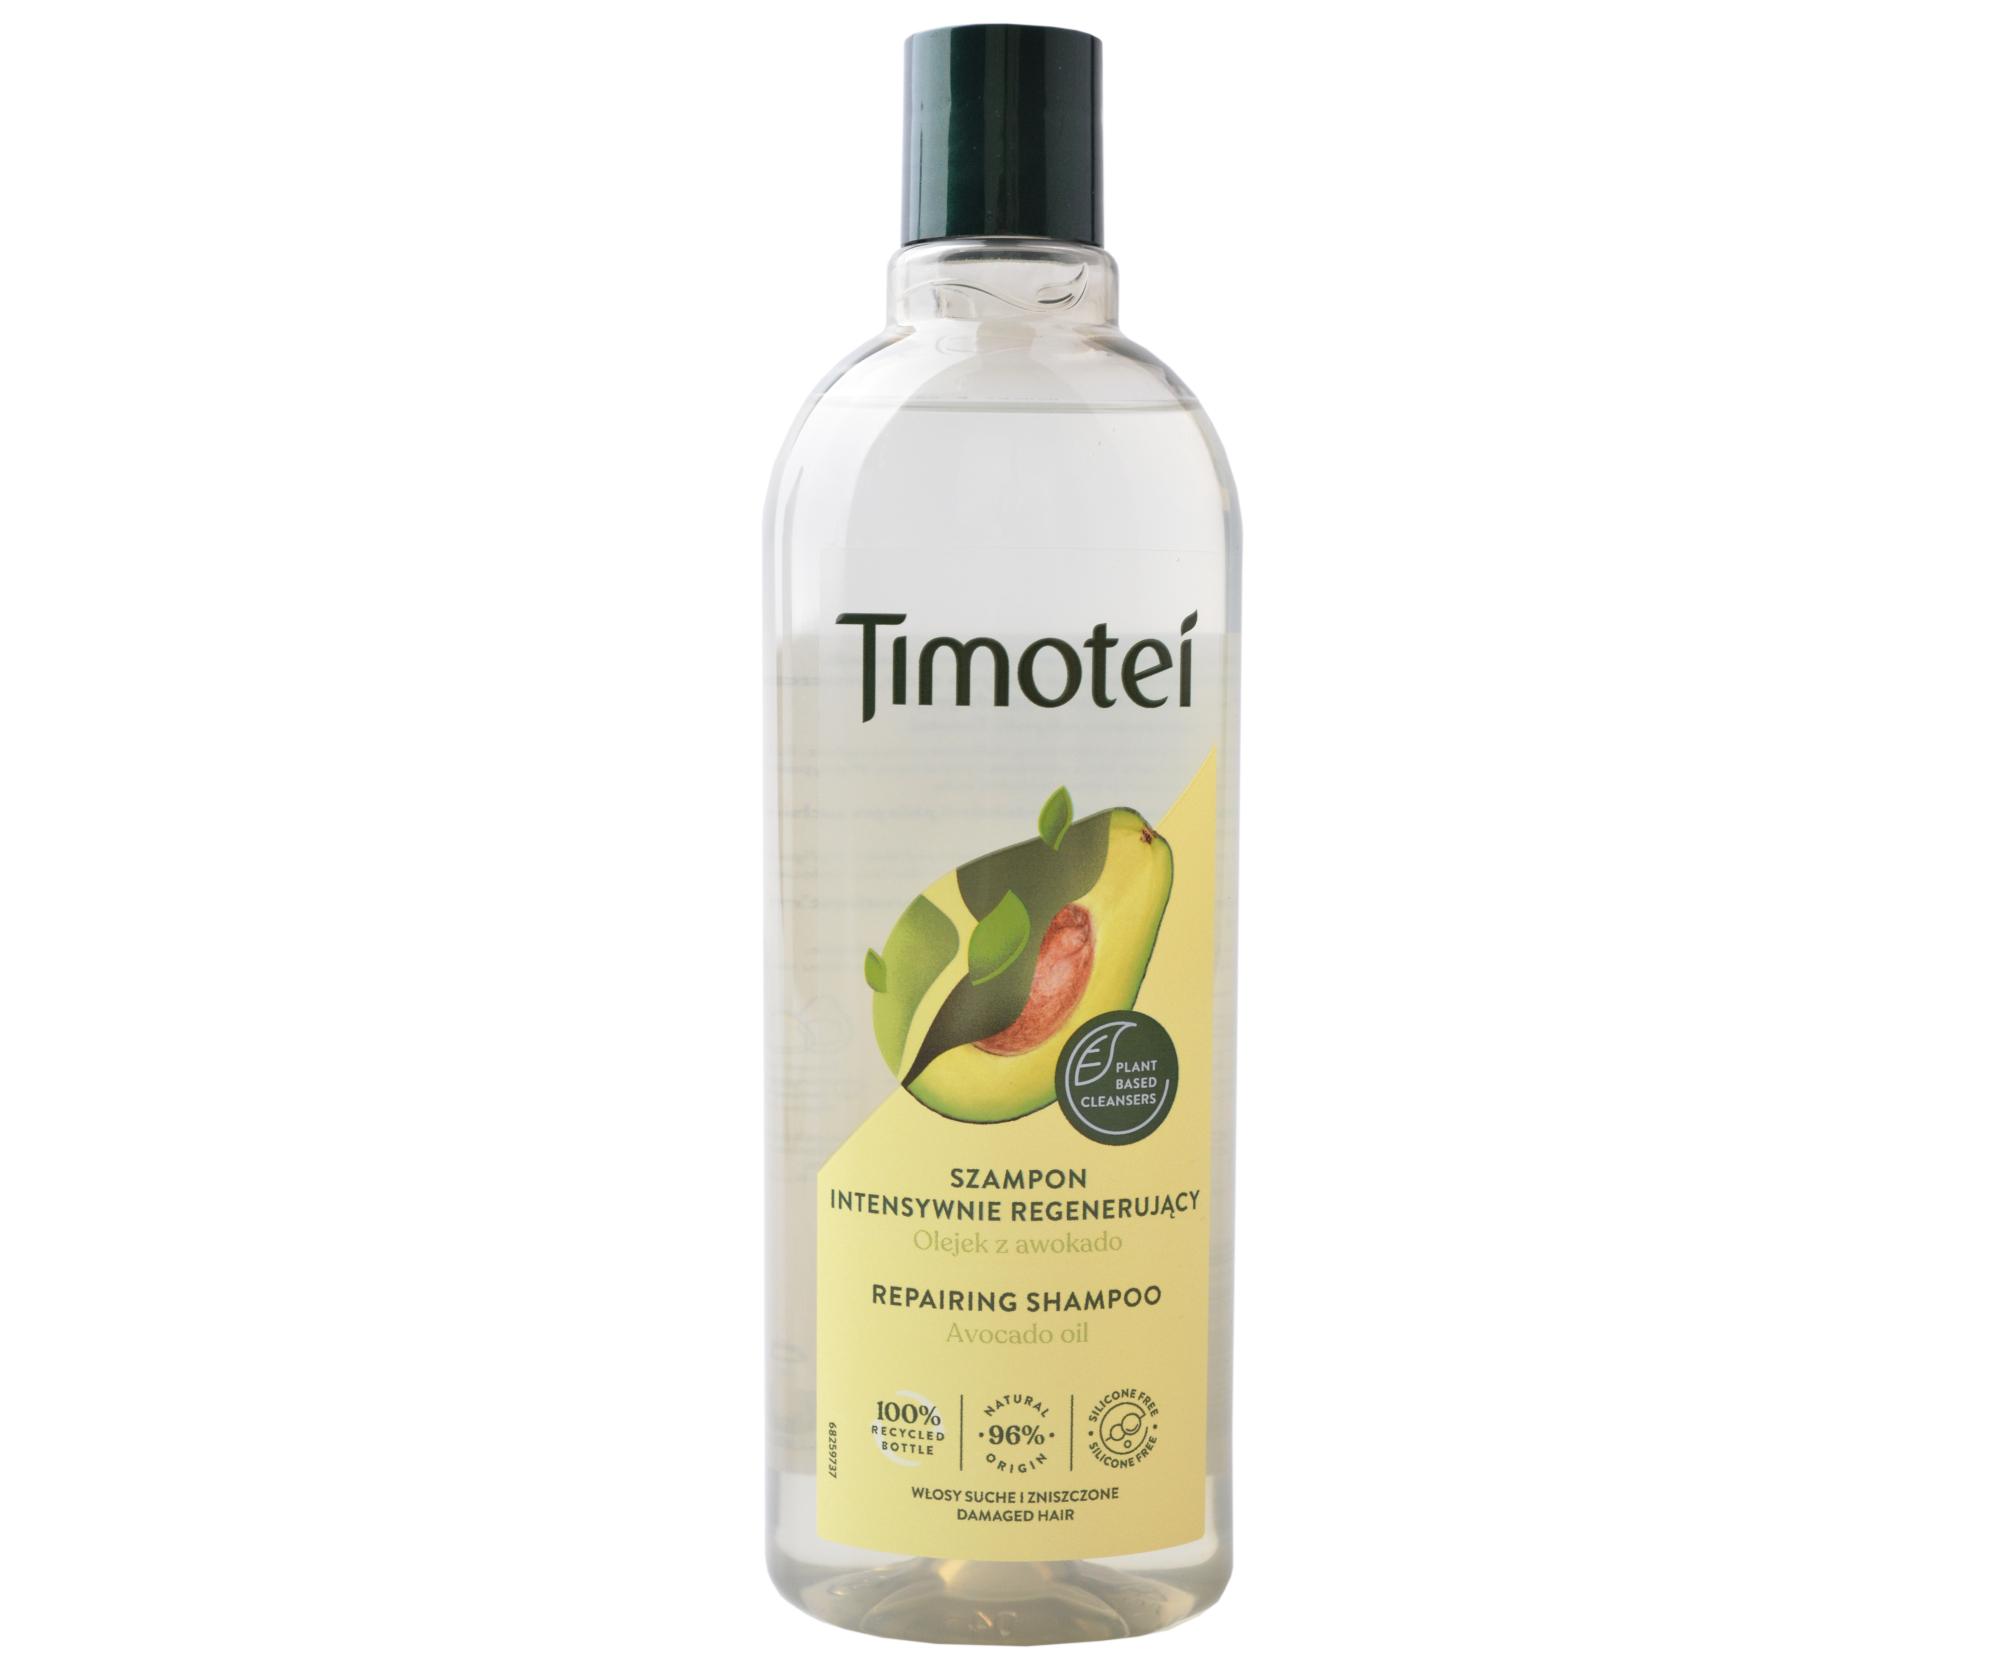 Šampon pro poškozené vlasy Timotei Intense Repair - 400 ml (67409642)